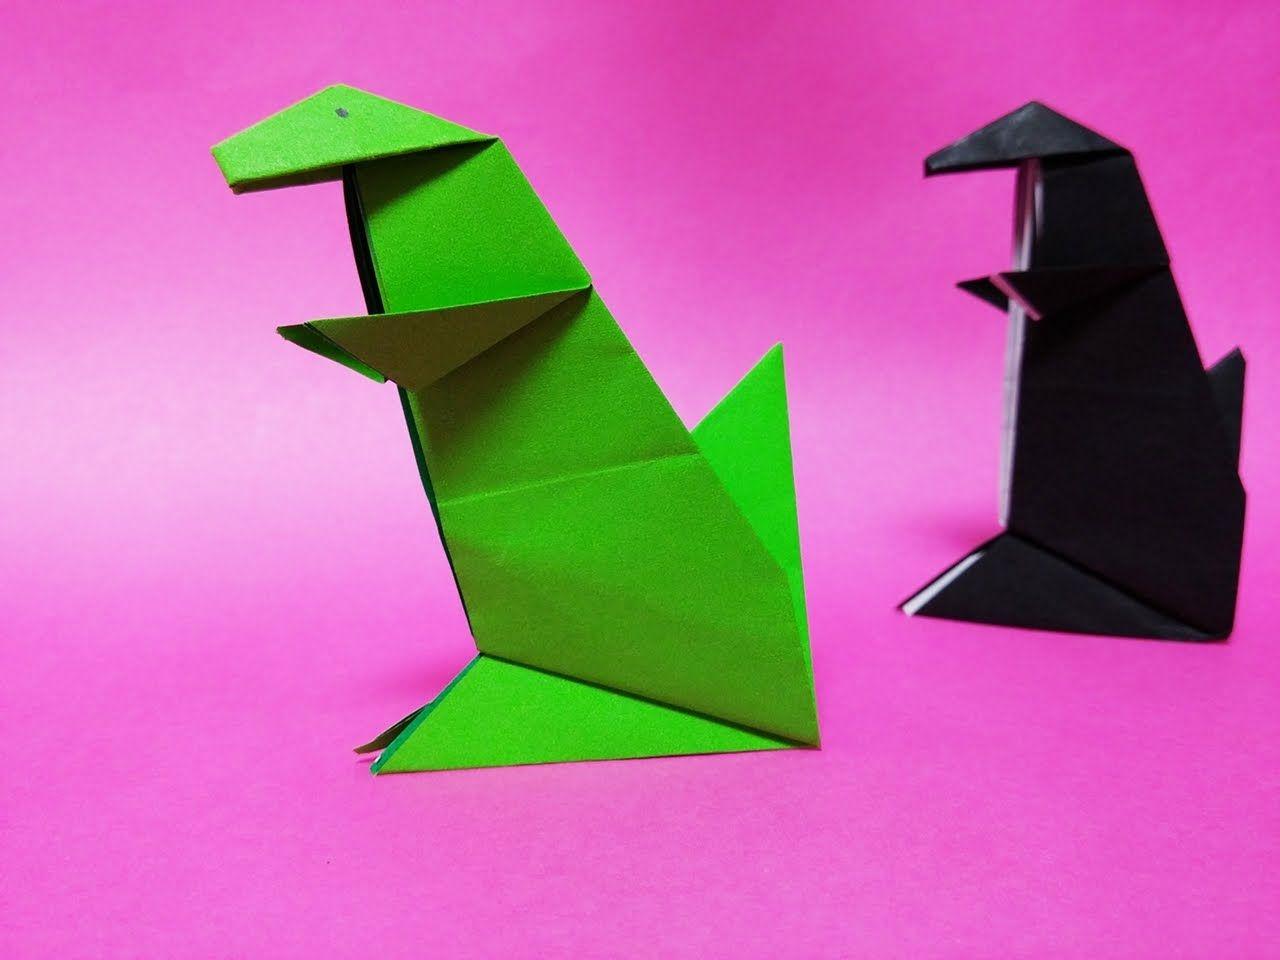 공룡 종이접기 Easy origami dinosaur t-rex | Оригами | 종이접기 и 공룡 - photo#35